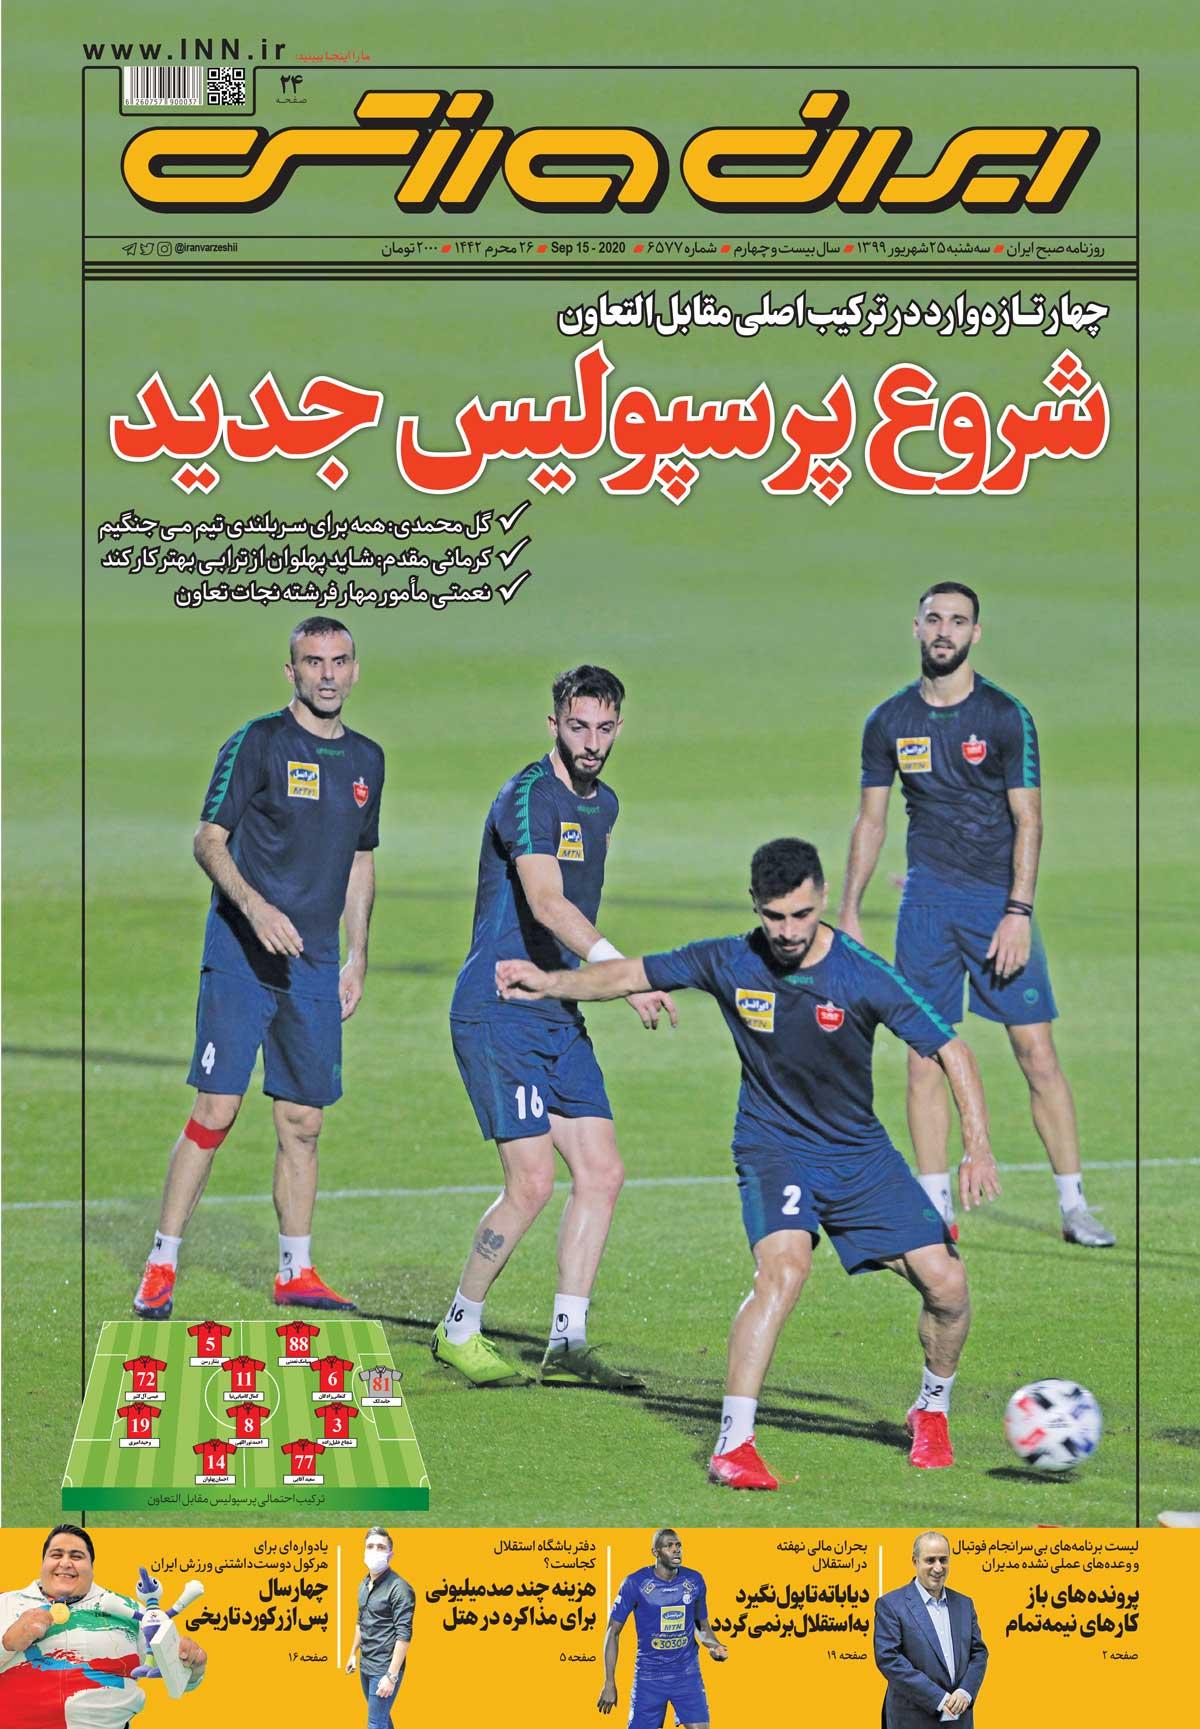 جلد روزنامه ایرانورزشی سهشنبه ۲۵ شهریور ۹۹